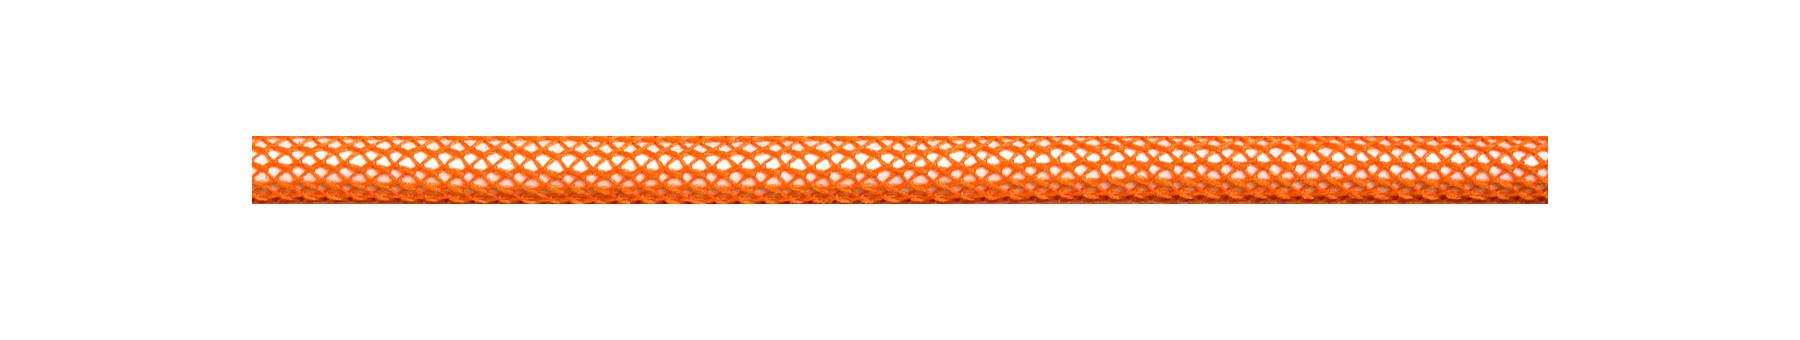 Textilkabel Orange Netzartiger Textilmantel